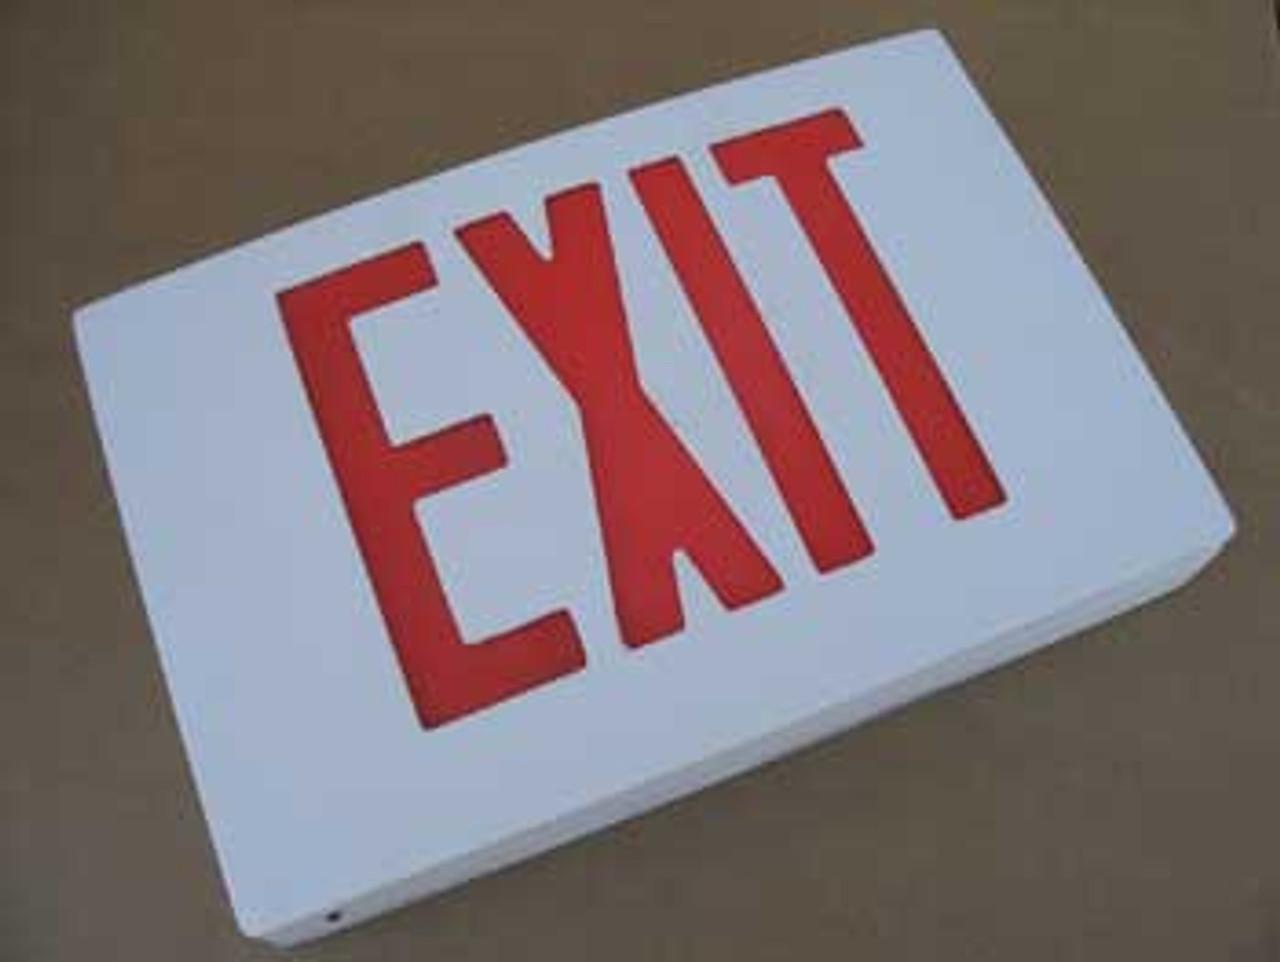 Best Lighting KXTE - Cast Aluminum LED Exit Sign - New